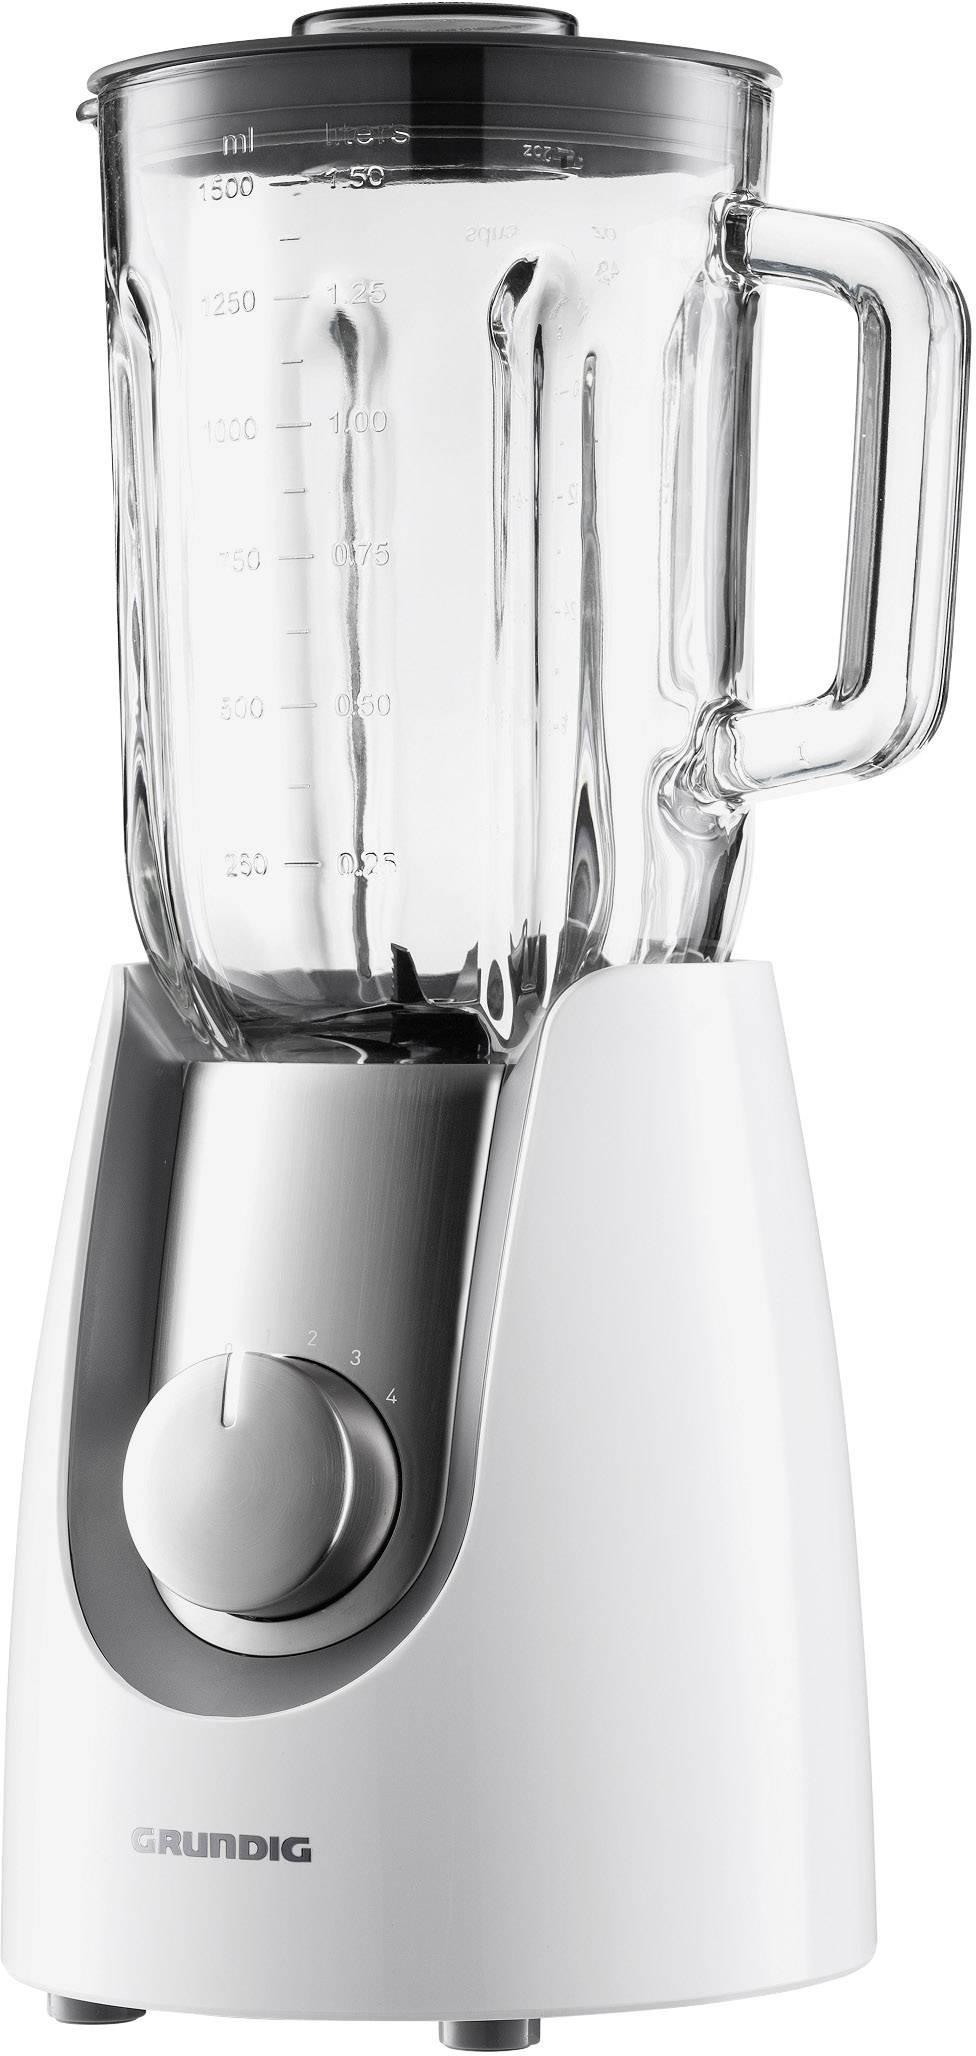 Stolní mixér Grundig SM7280w, 600 W, bílá